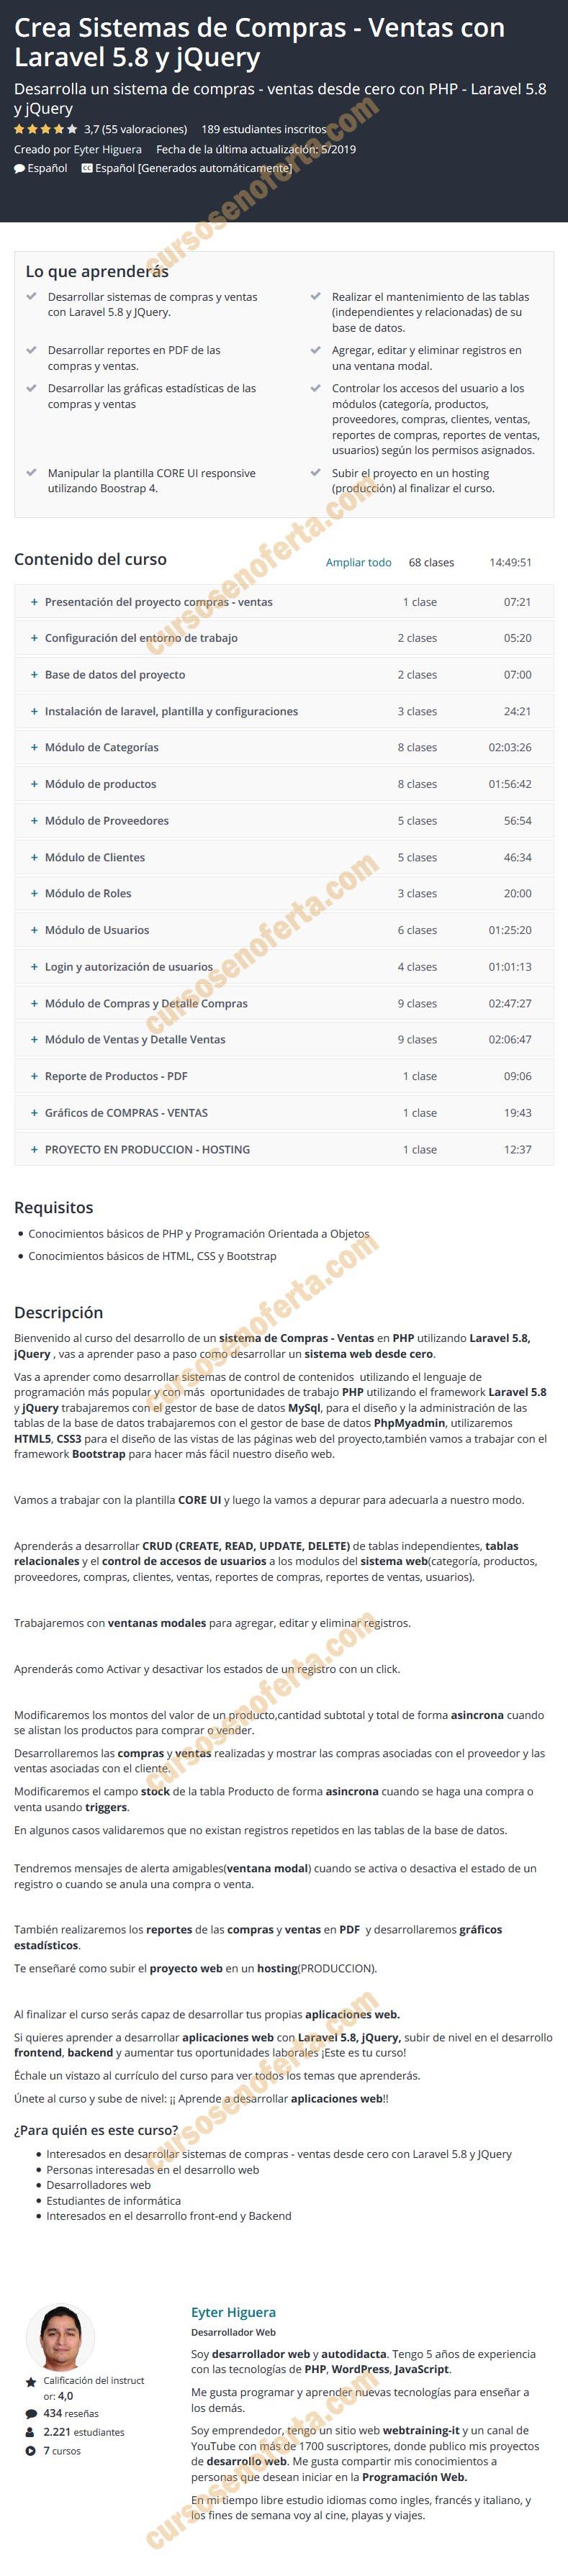 Crea Sistemas de Compras - Ventas con Laravel 5.8 y jQuery